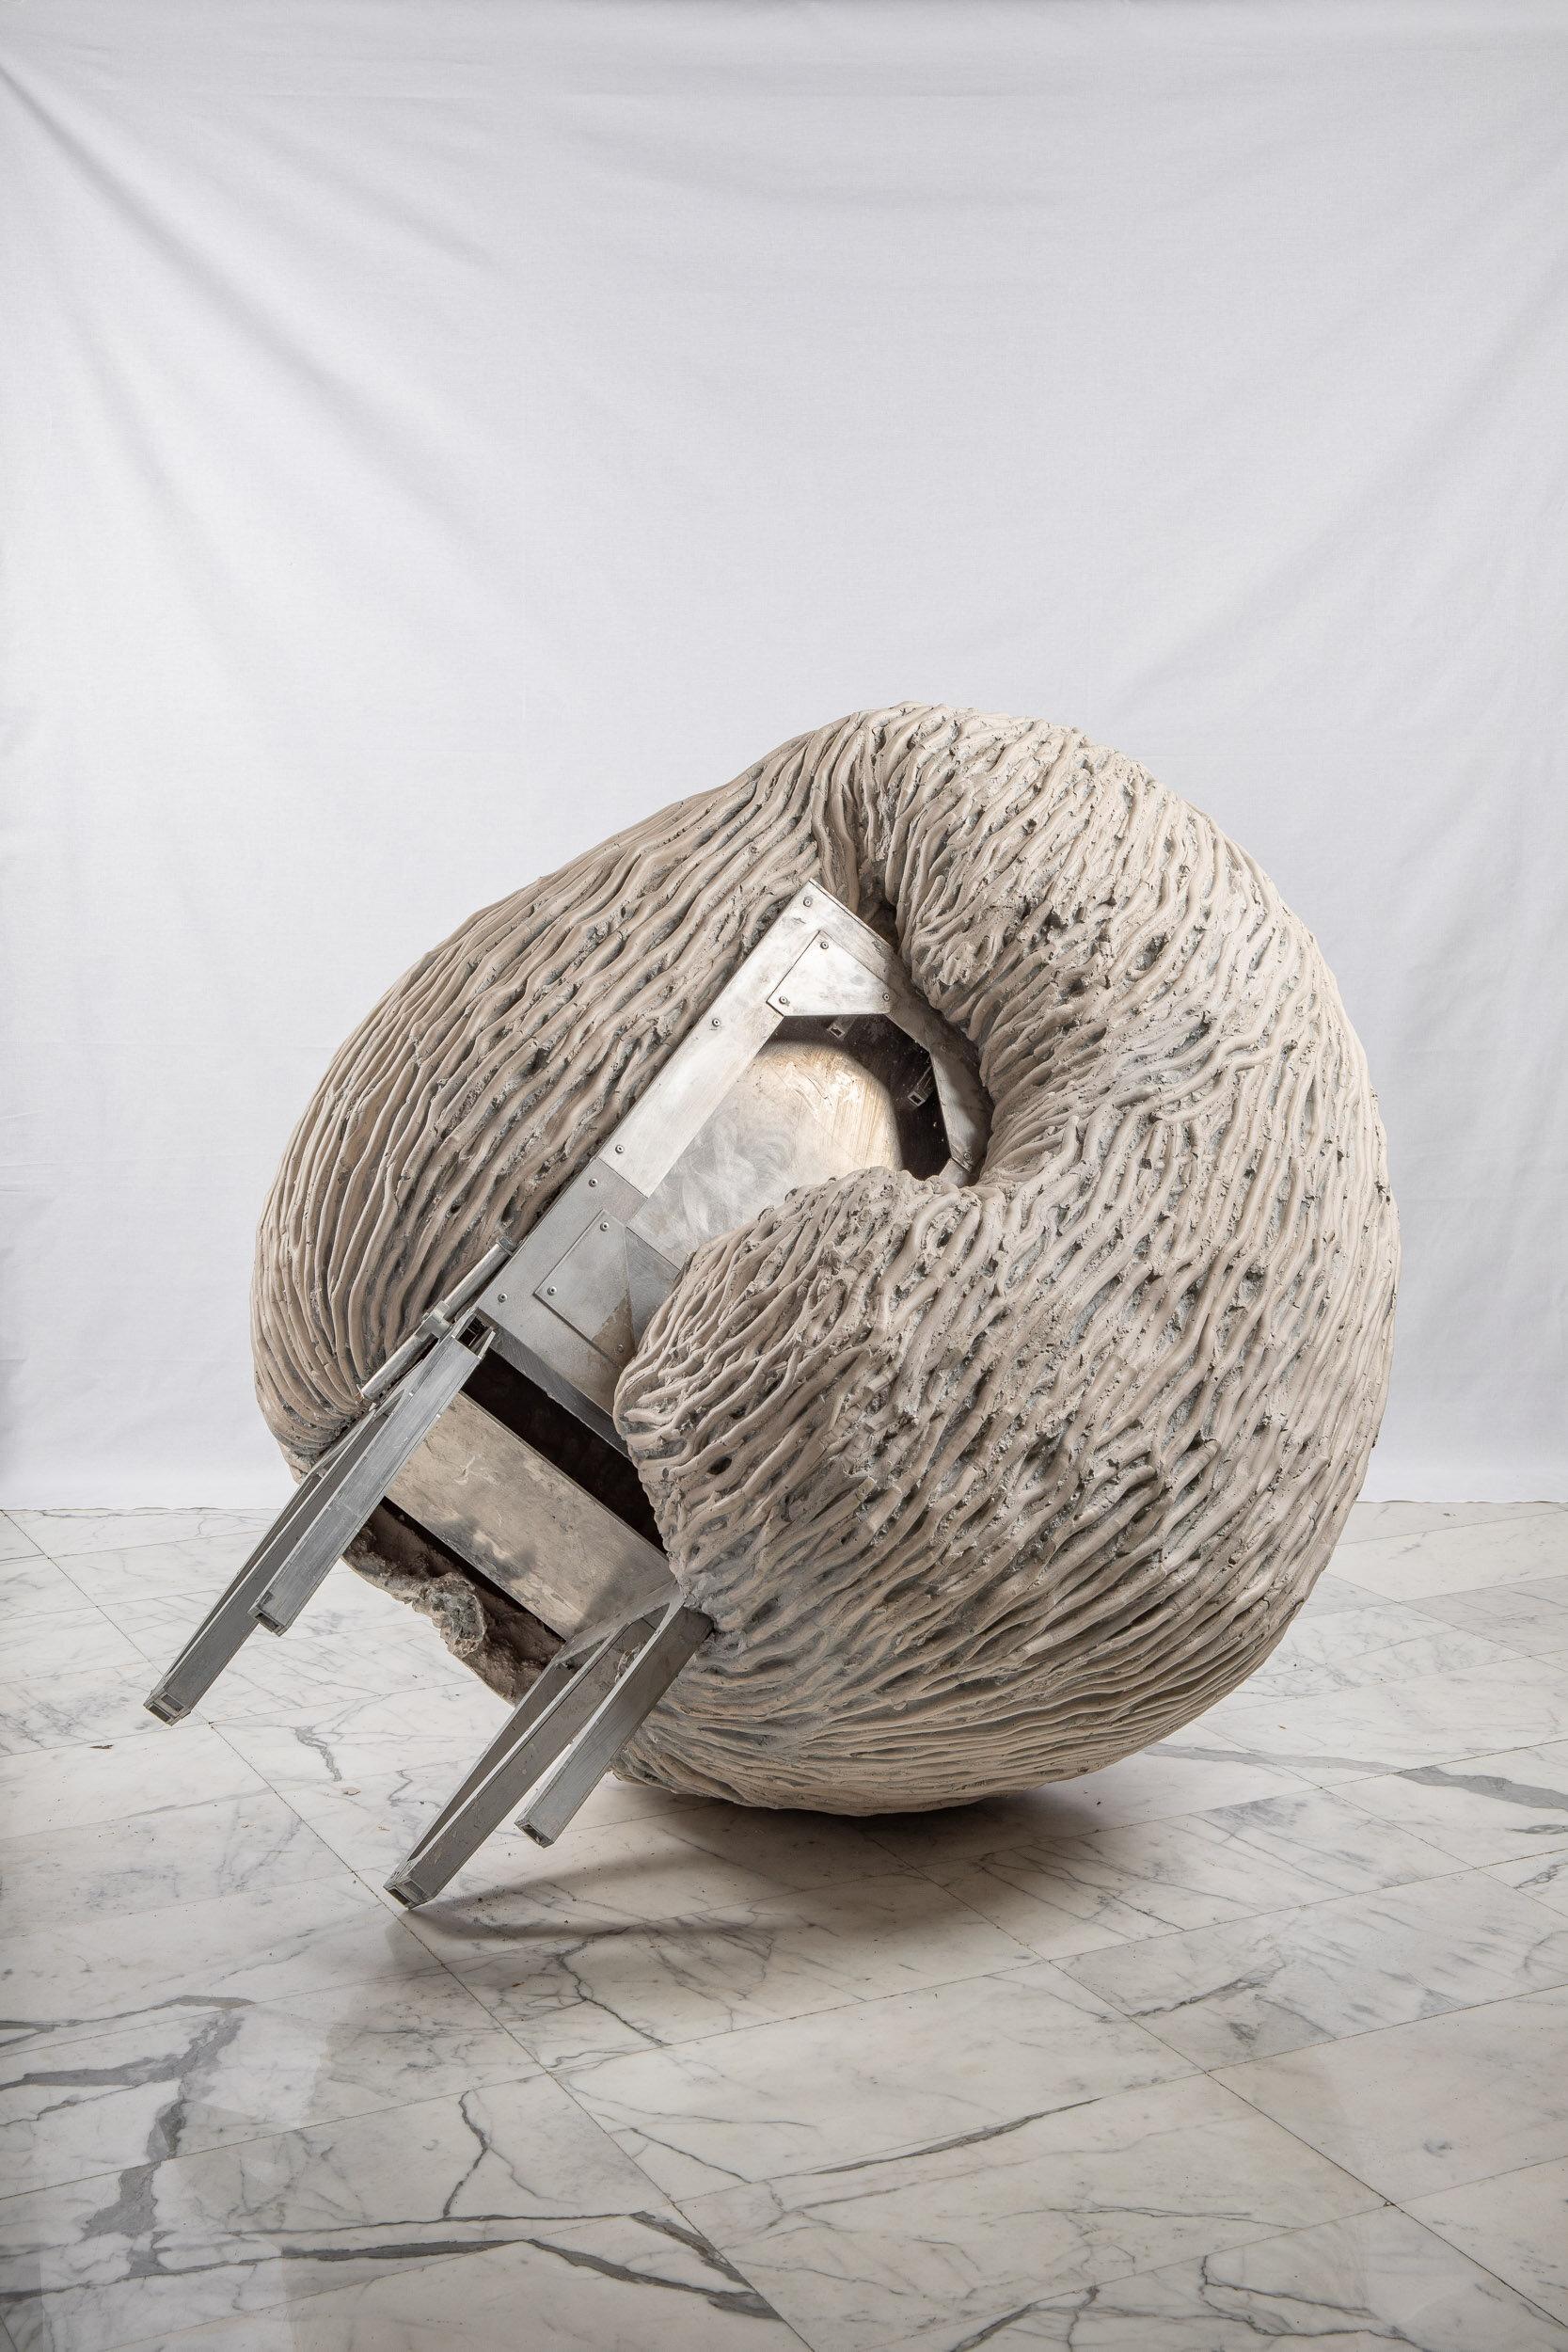 Anthropometry  Aquaresin, aluminium, glass fiber, steel, pigment, clay  170 x 140 x 130 cm  2019